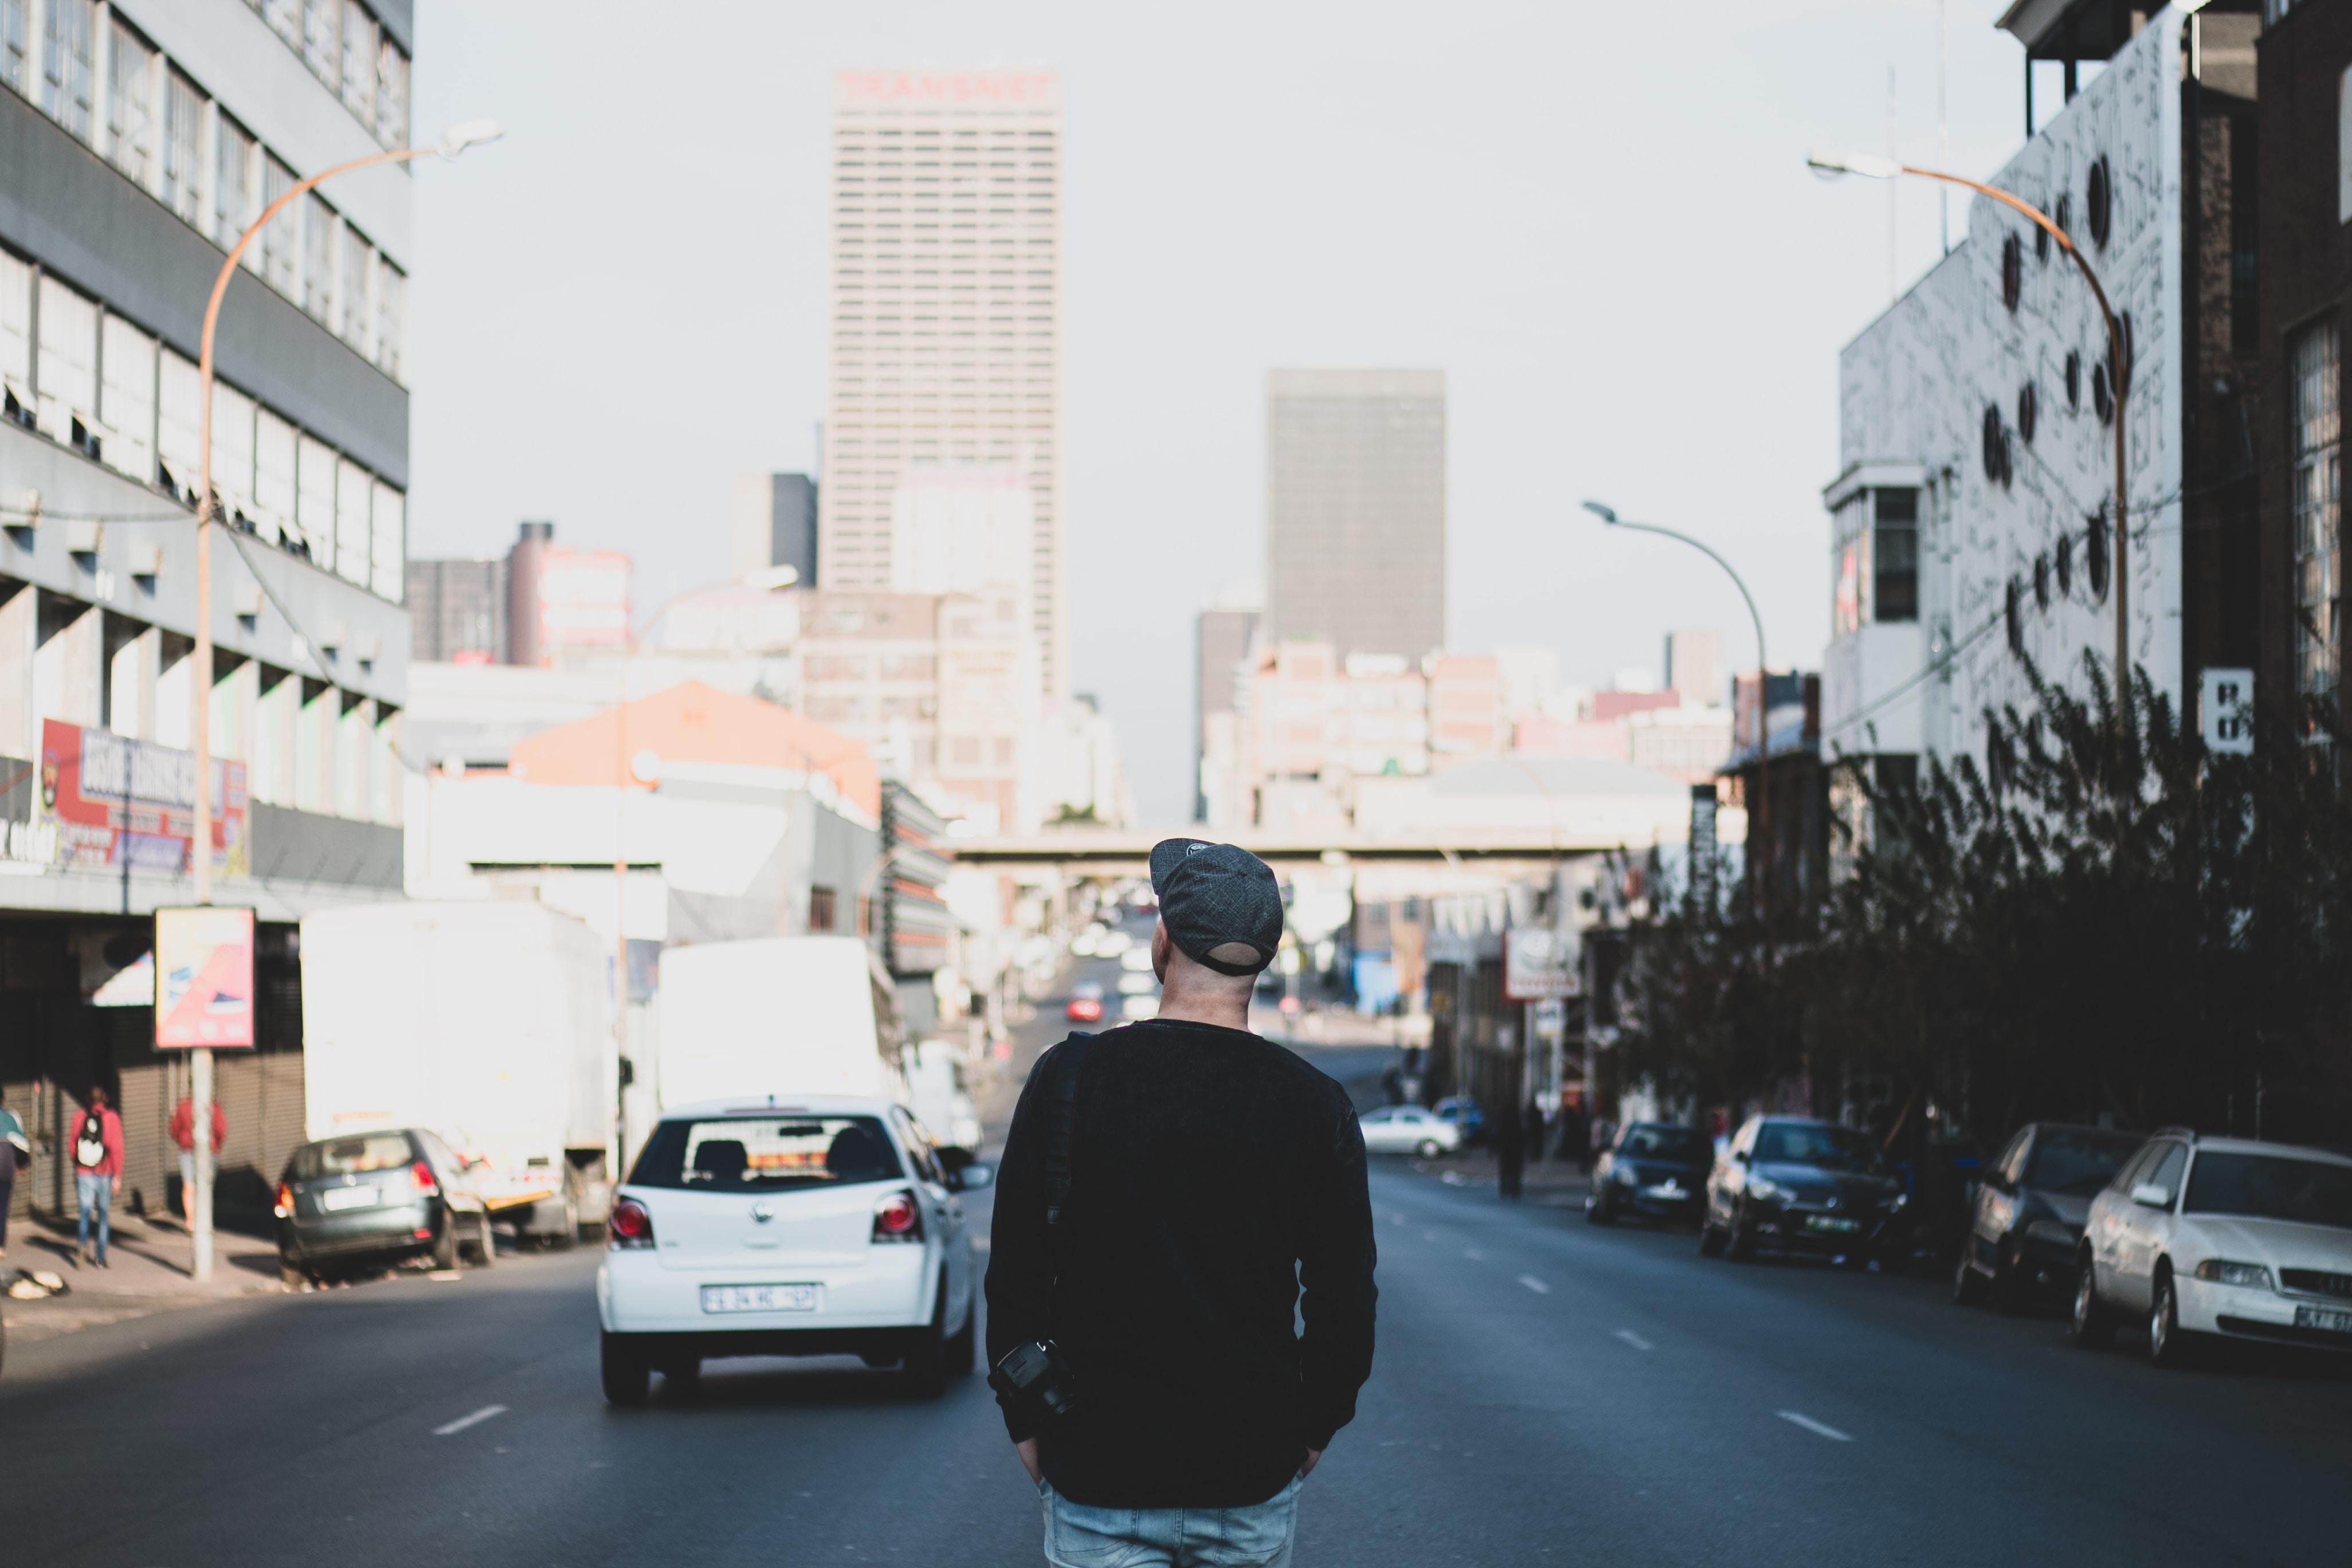 man standing in between road